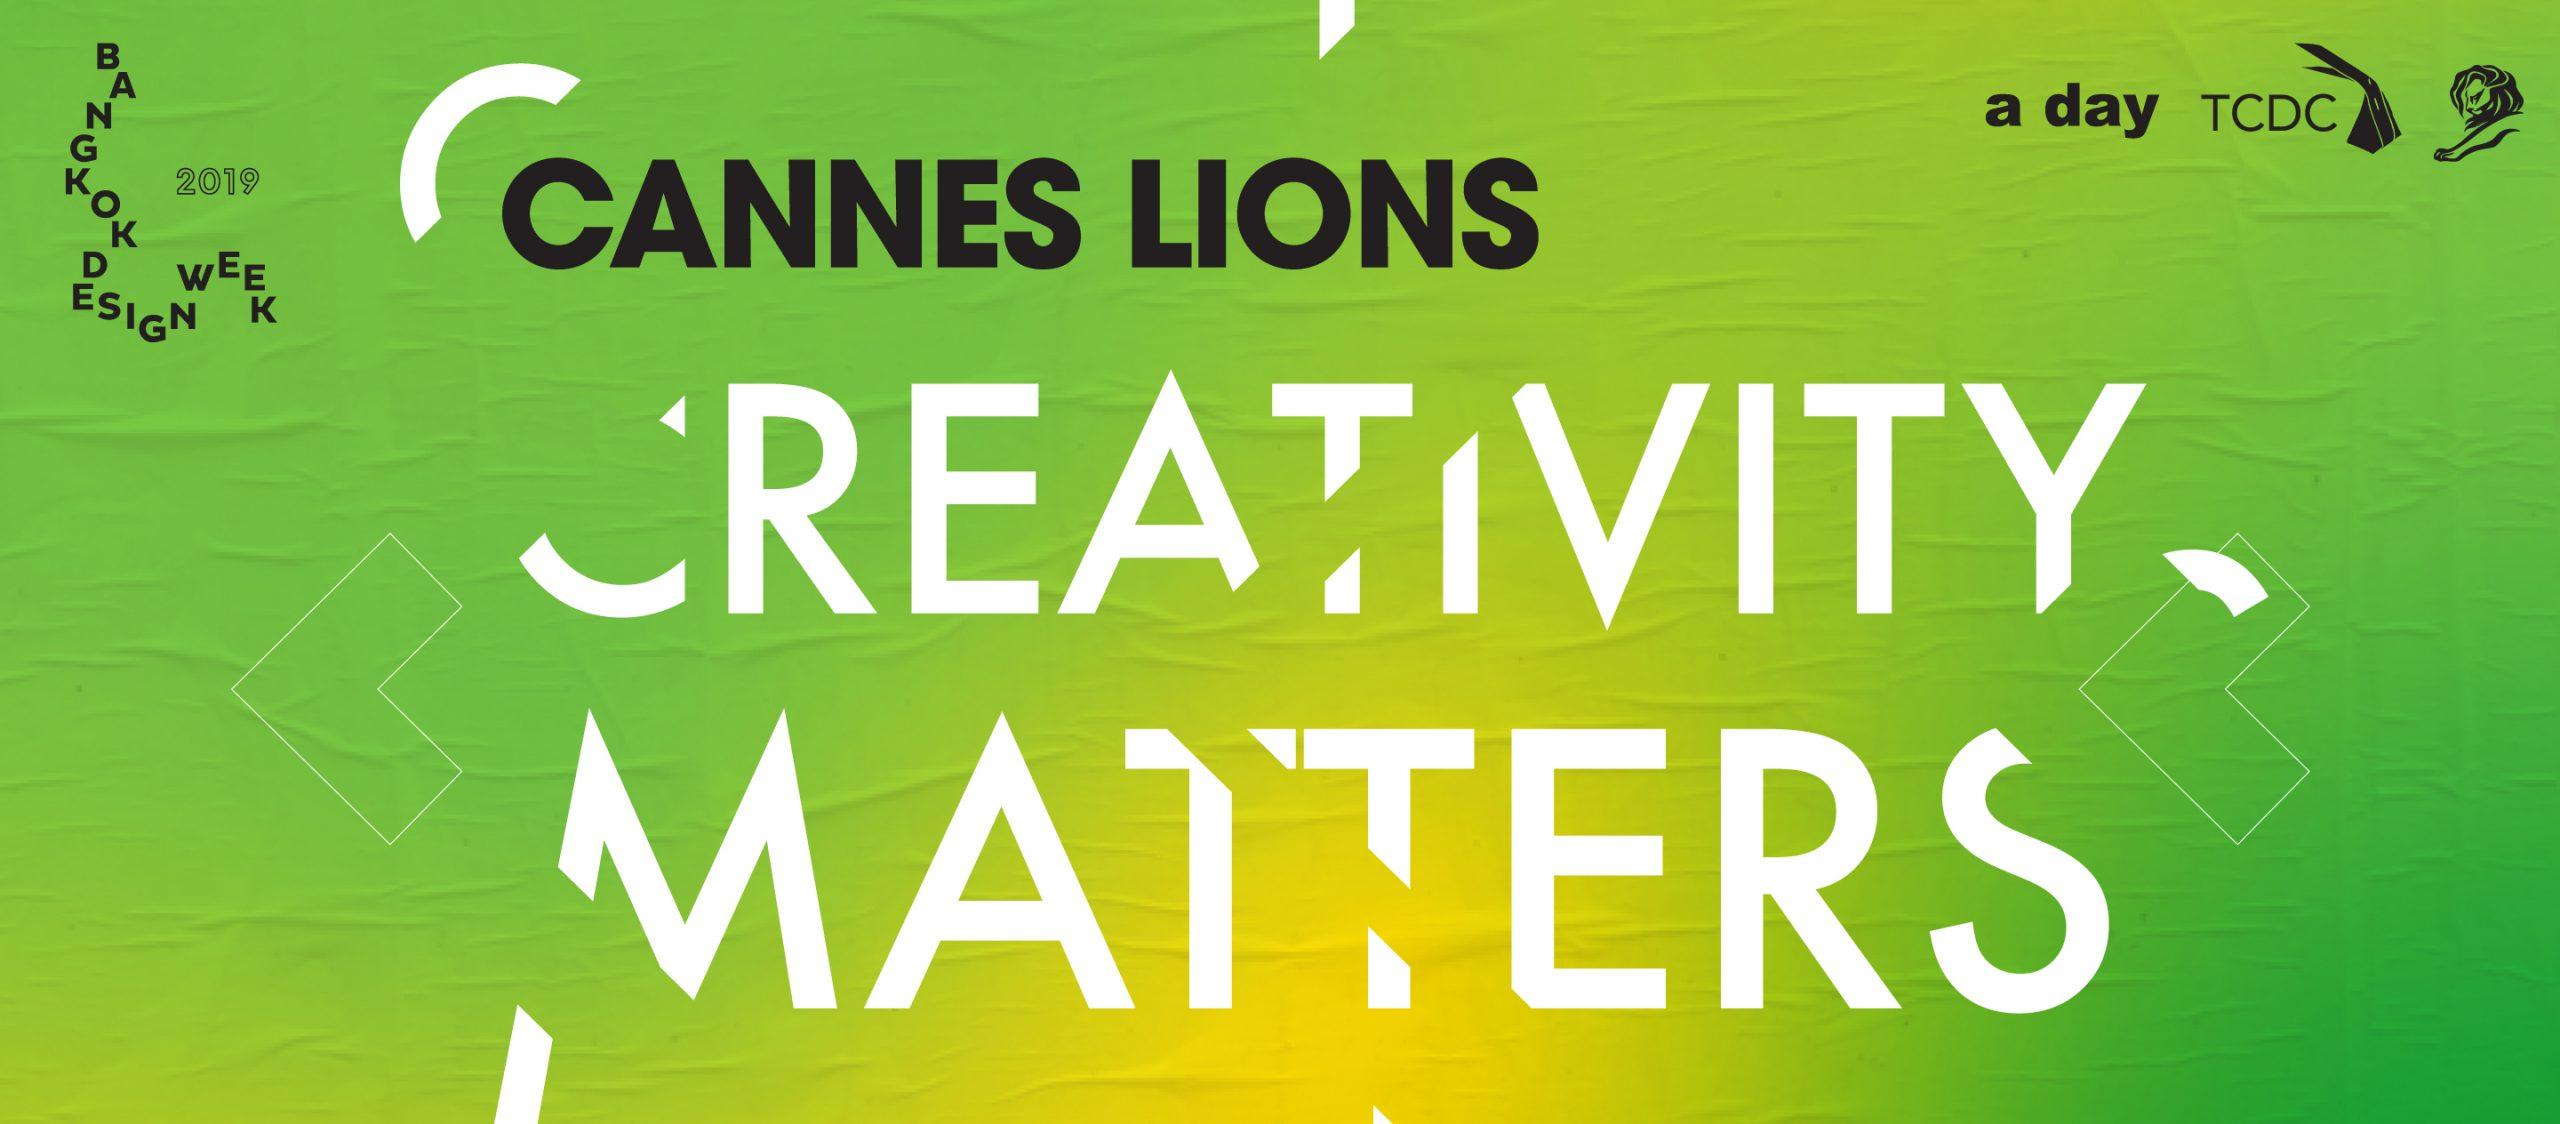 กางจอดูโฆษณาที่ดีที่สุดจาก Cannes Lions ในเทศกาลงานออกแบบกรุงเทพฯ 2562